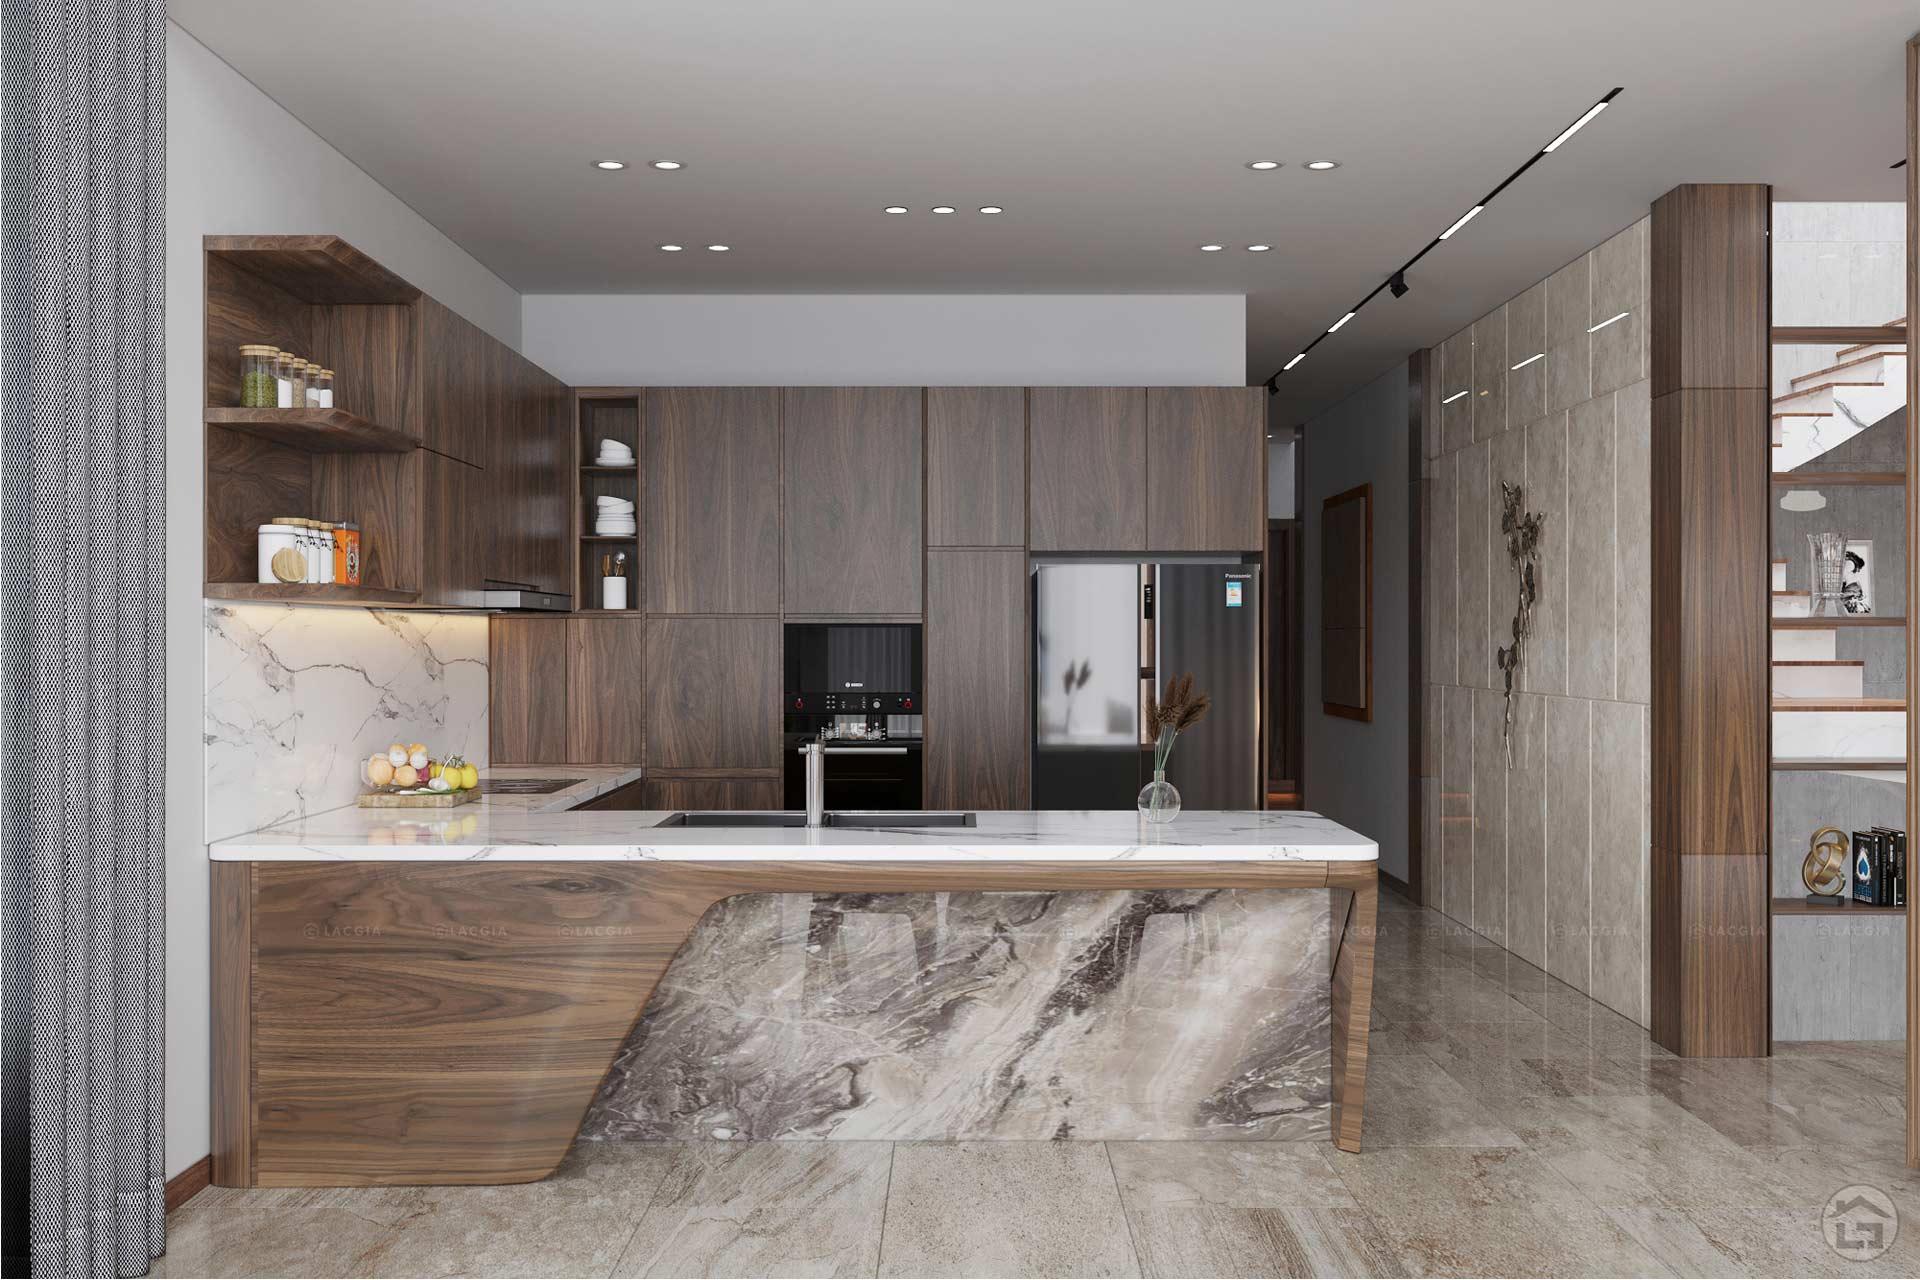 Tủ bếp gỗ tự nhiên sở hữu những ưu điểm vượt trội